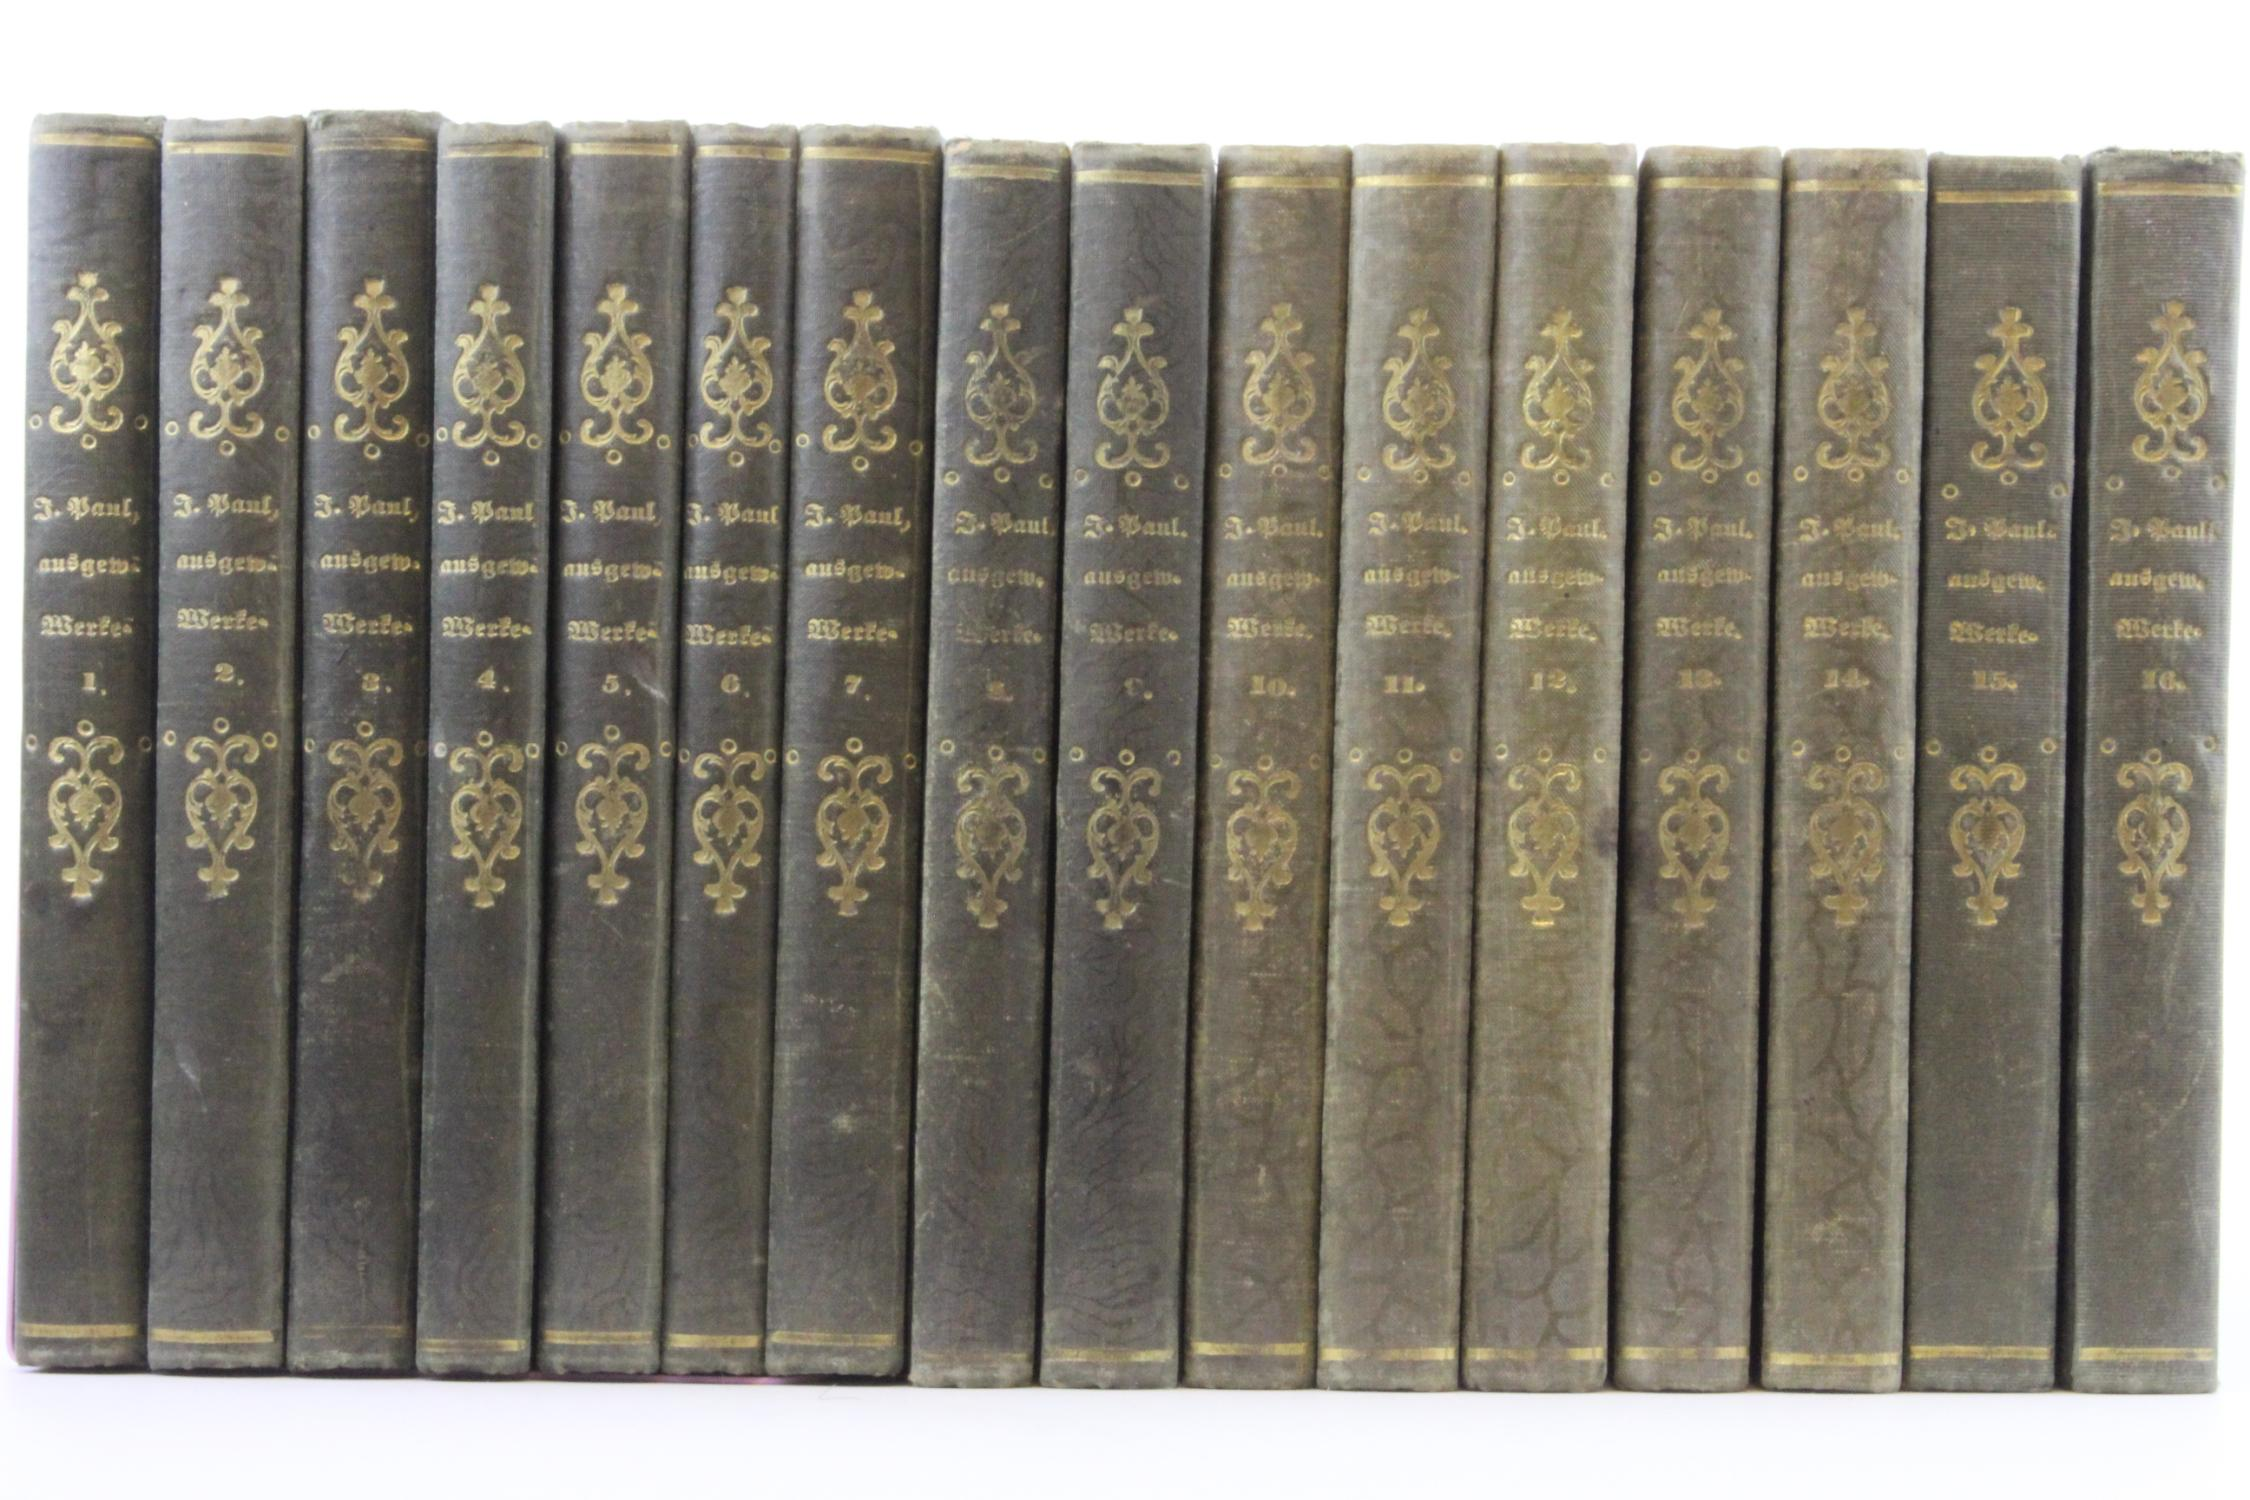 Jean Paul s ausgewählte Werke 1847-1849: Jean Paul